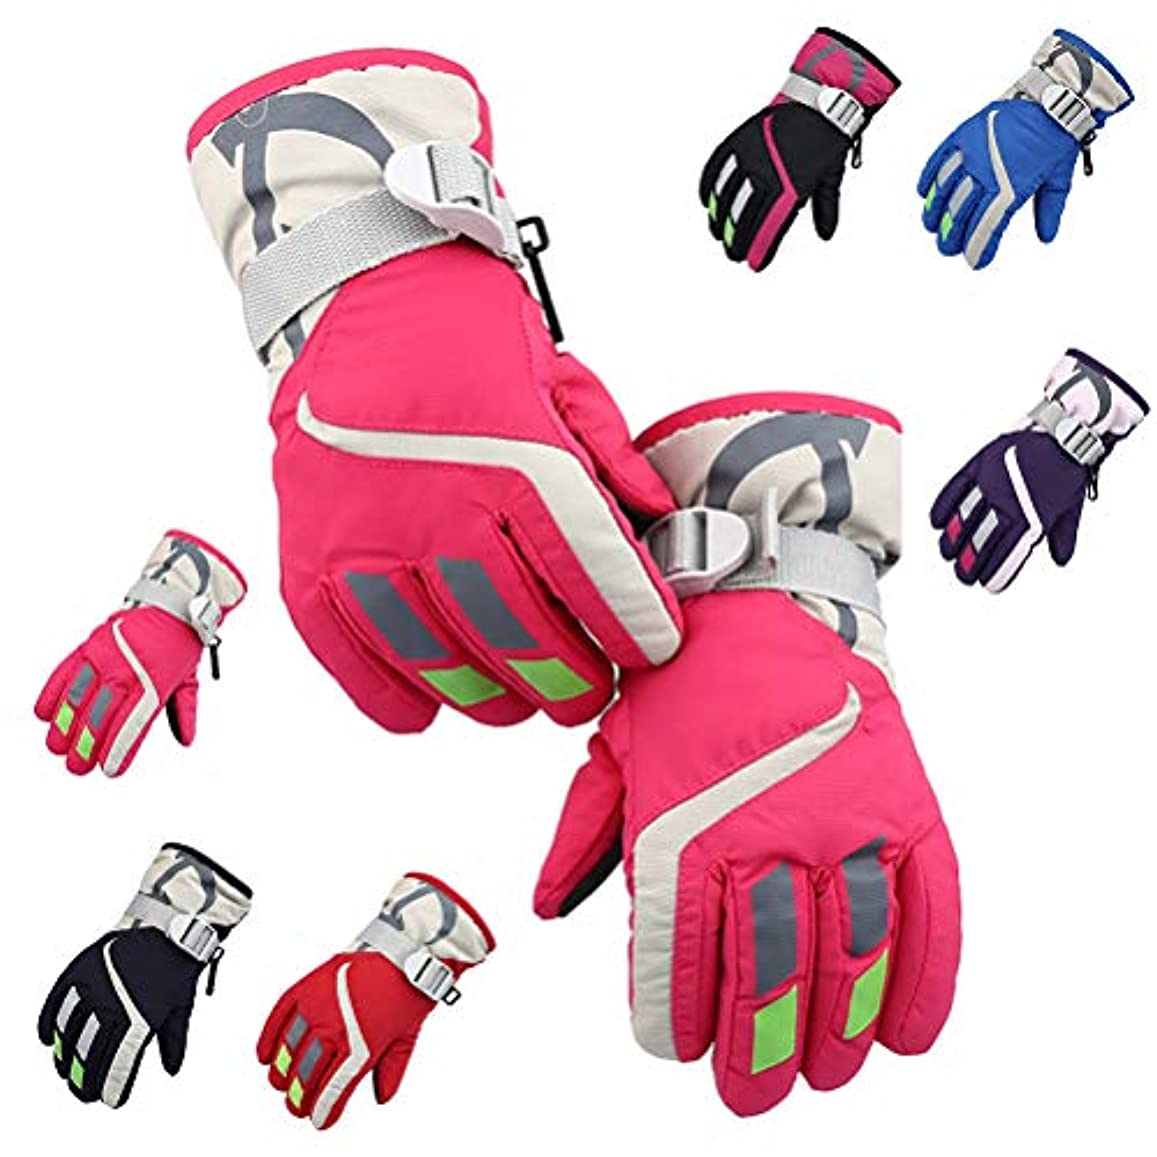 厳密にスクラッチロシアBlight スポーツグローブ子供用スキー手袋冬は、暖かい手袋調節可能な耐寒性手袋厚く防寒グローブ 保温 冬 厚手 革 防寒